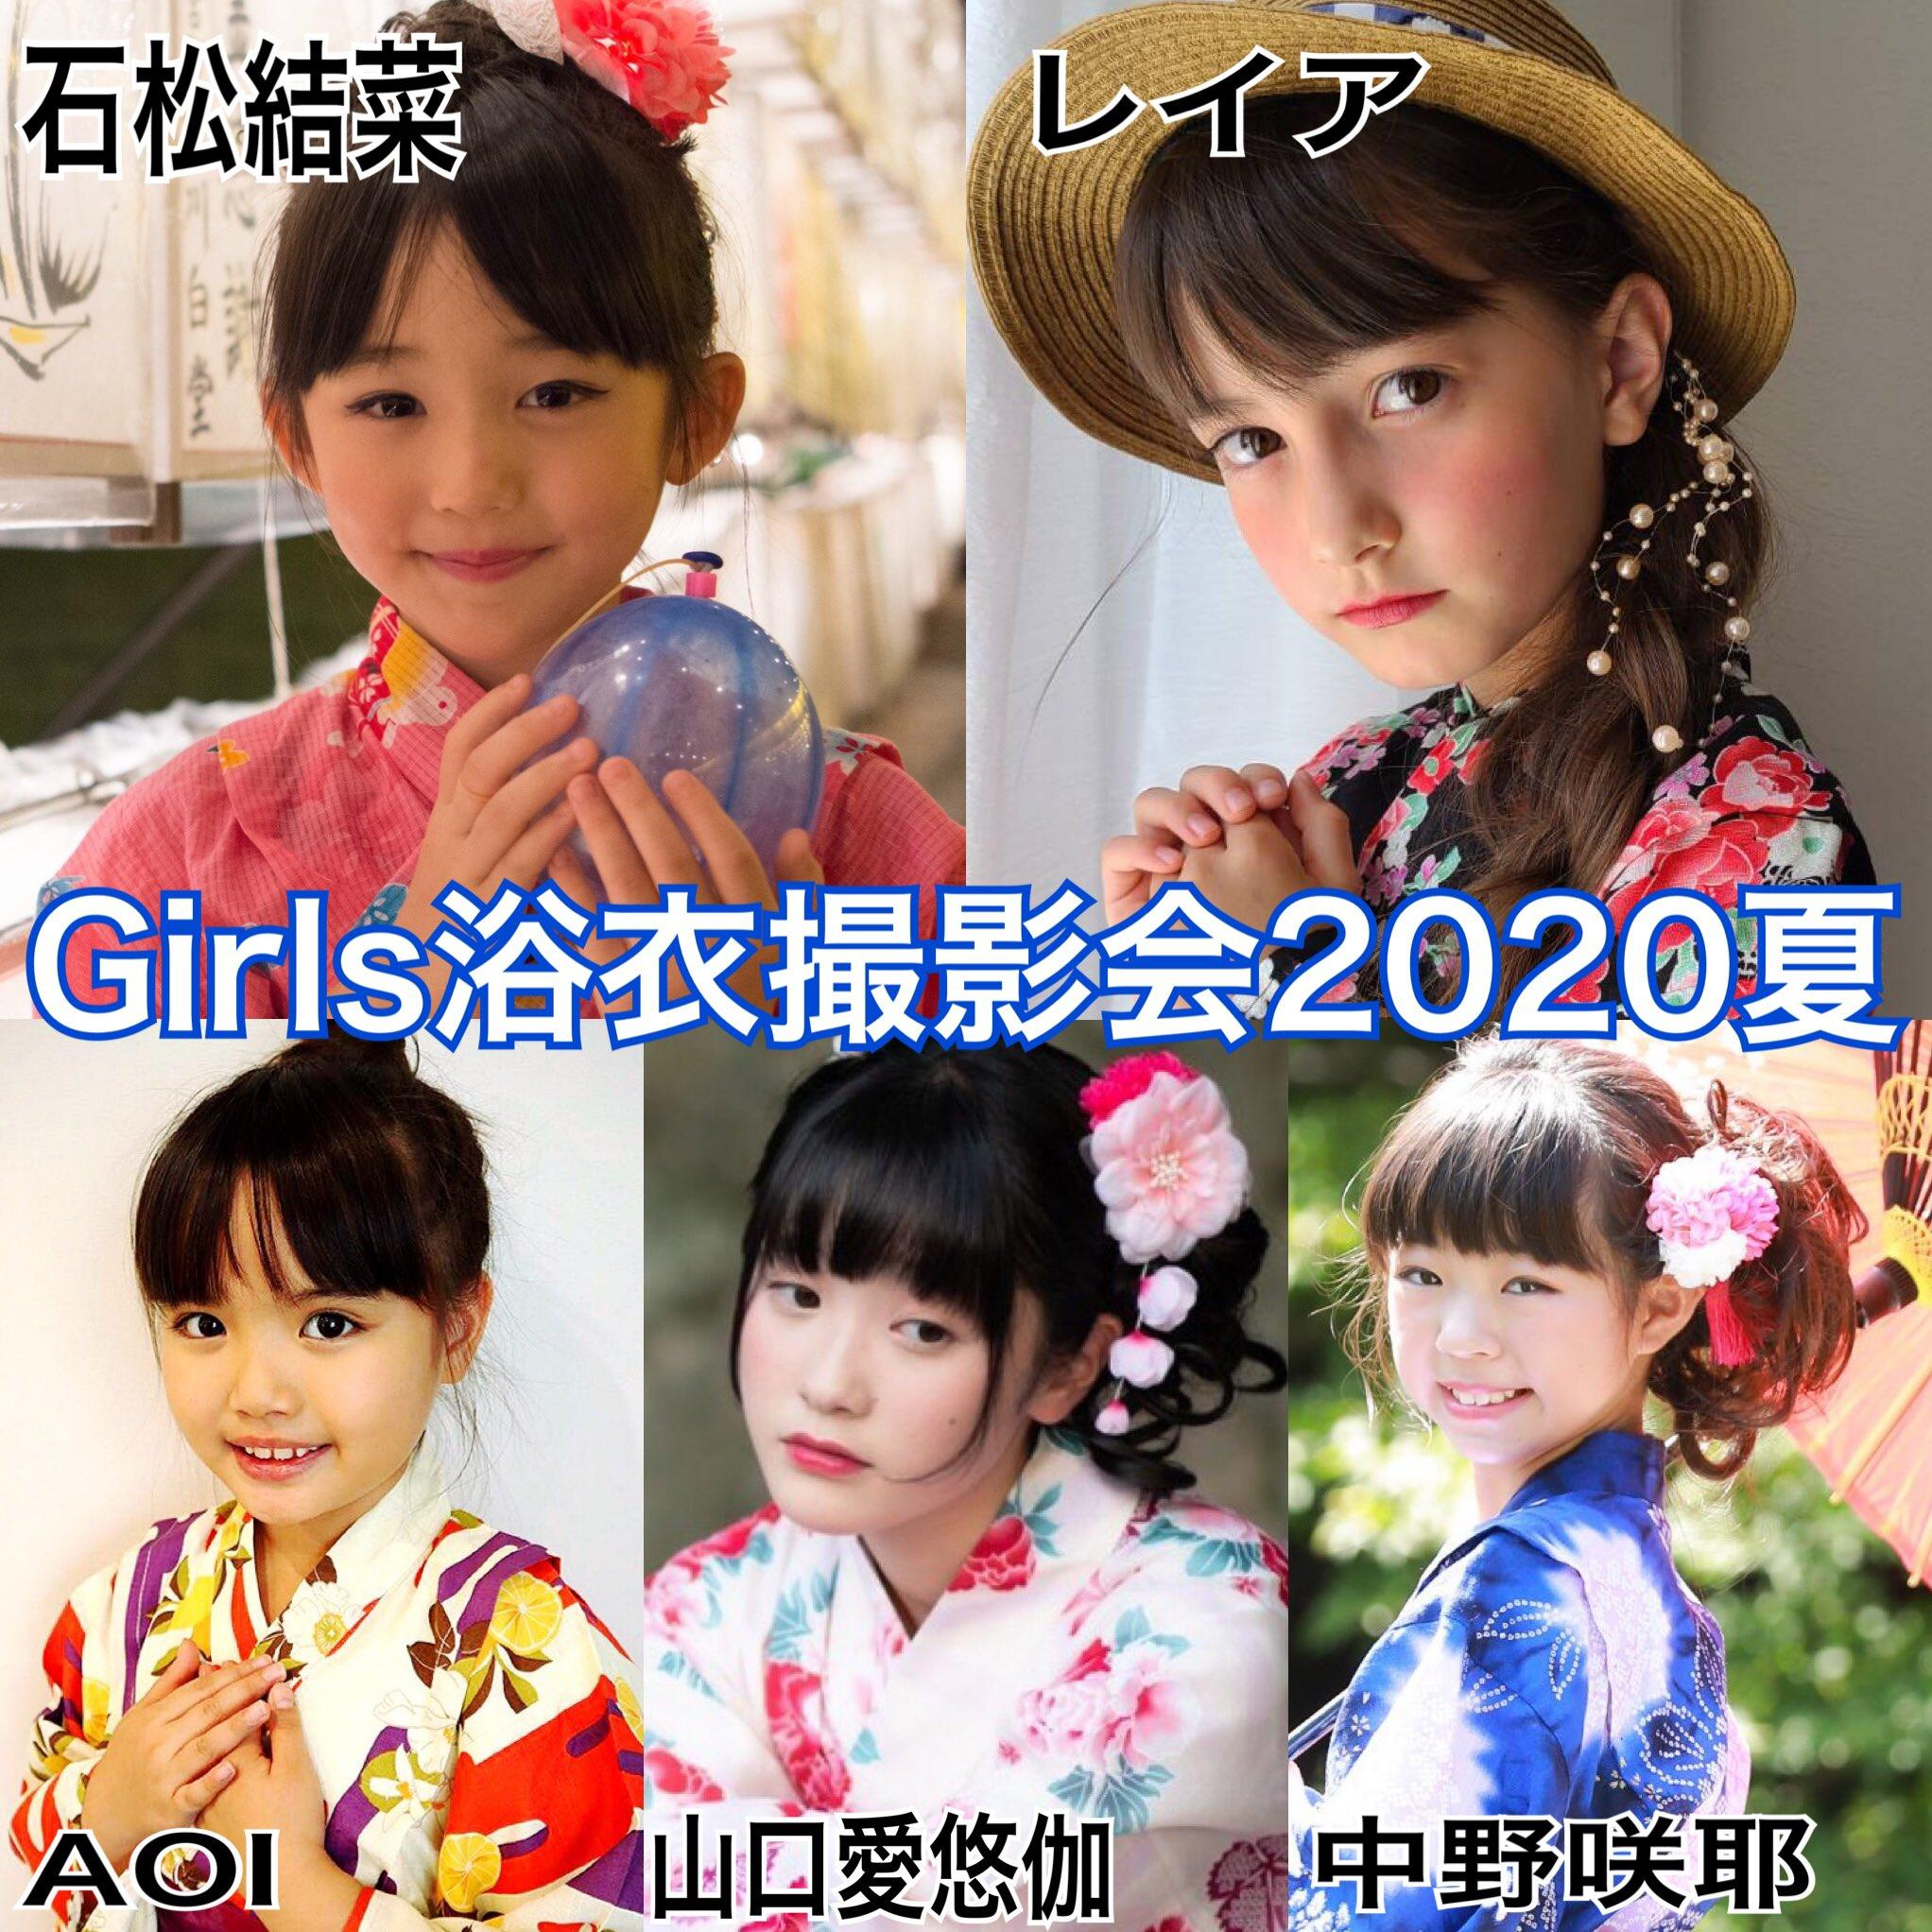 202008131.jpg